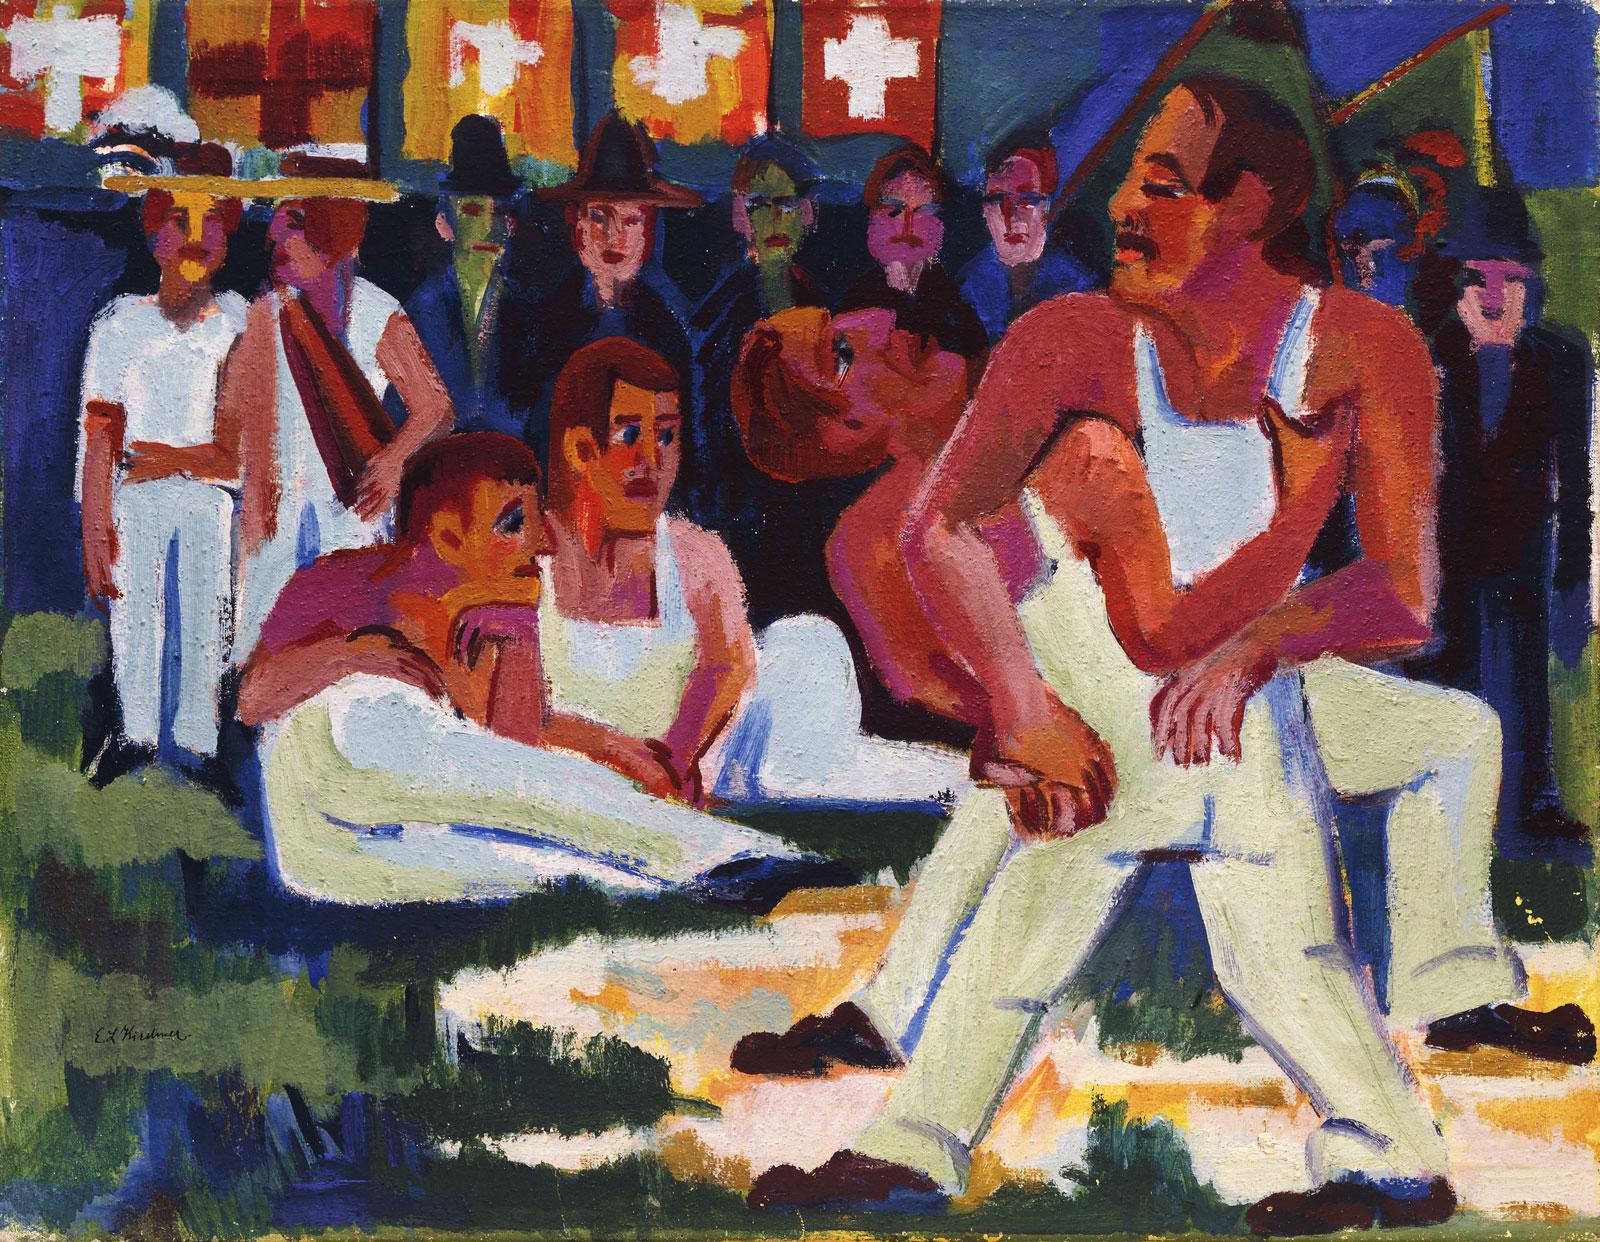 Ernst Ludwig Kirchner: Wrestler; Ringer, 1923